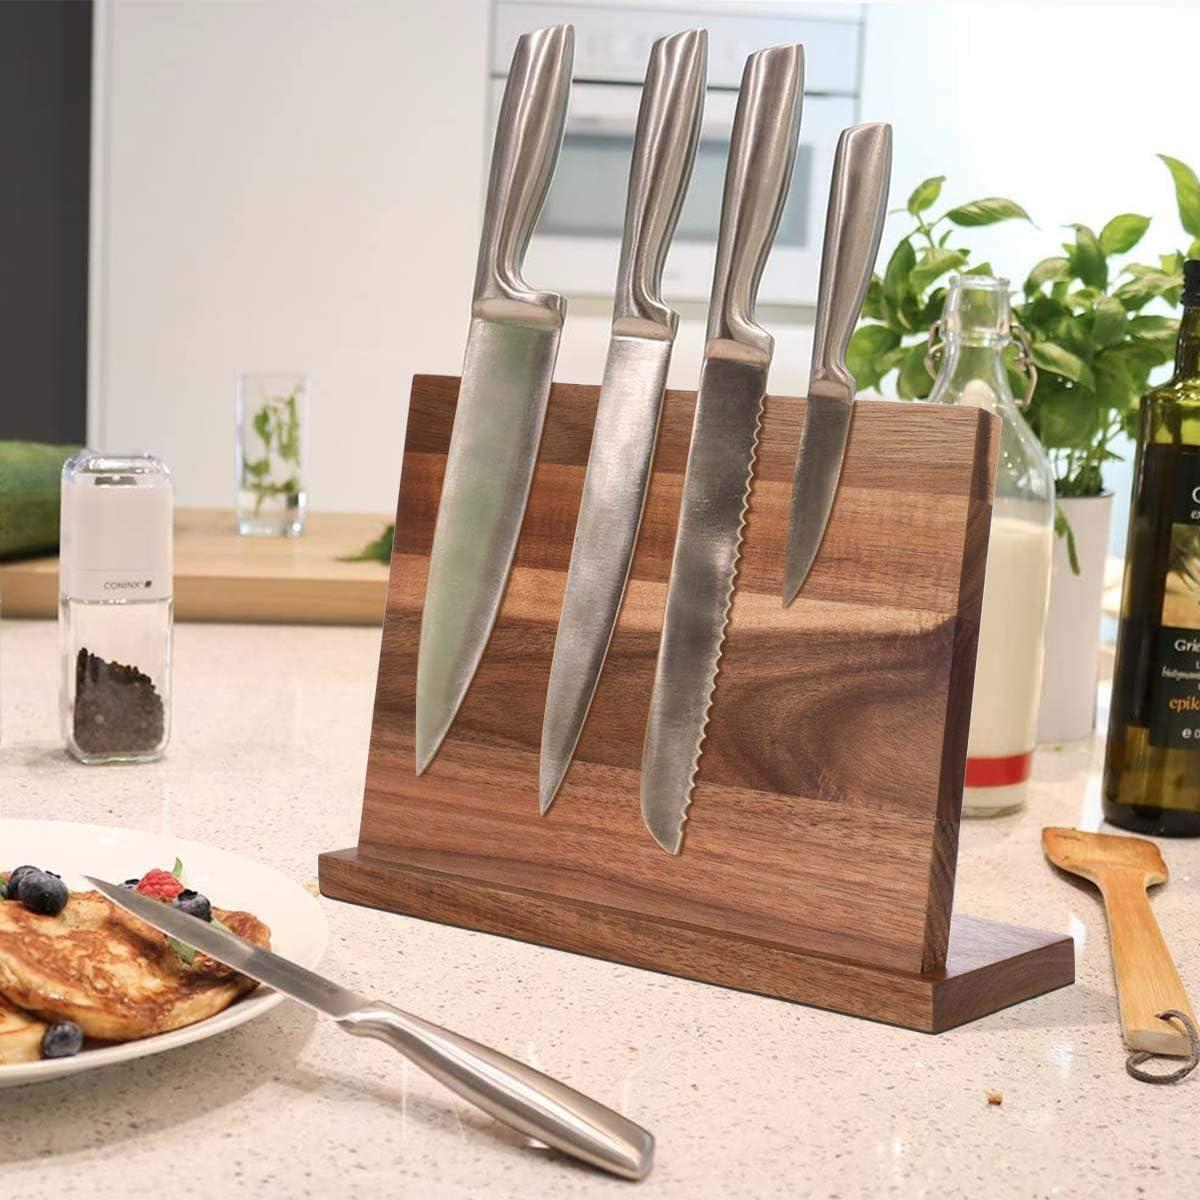 soporte magn/ético de doble cara KINLO Bloque magn/ético para cuchillos de madera de acacia para guardar cuchillos